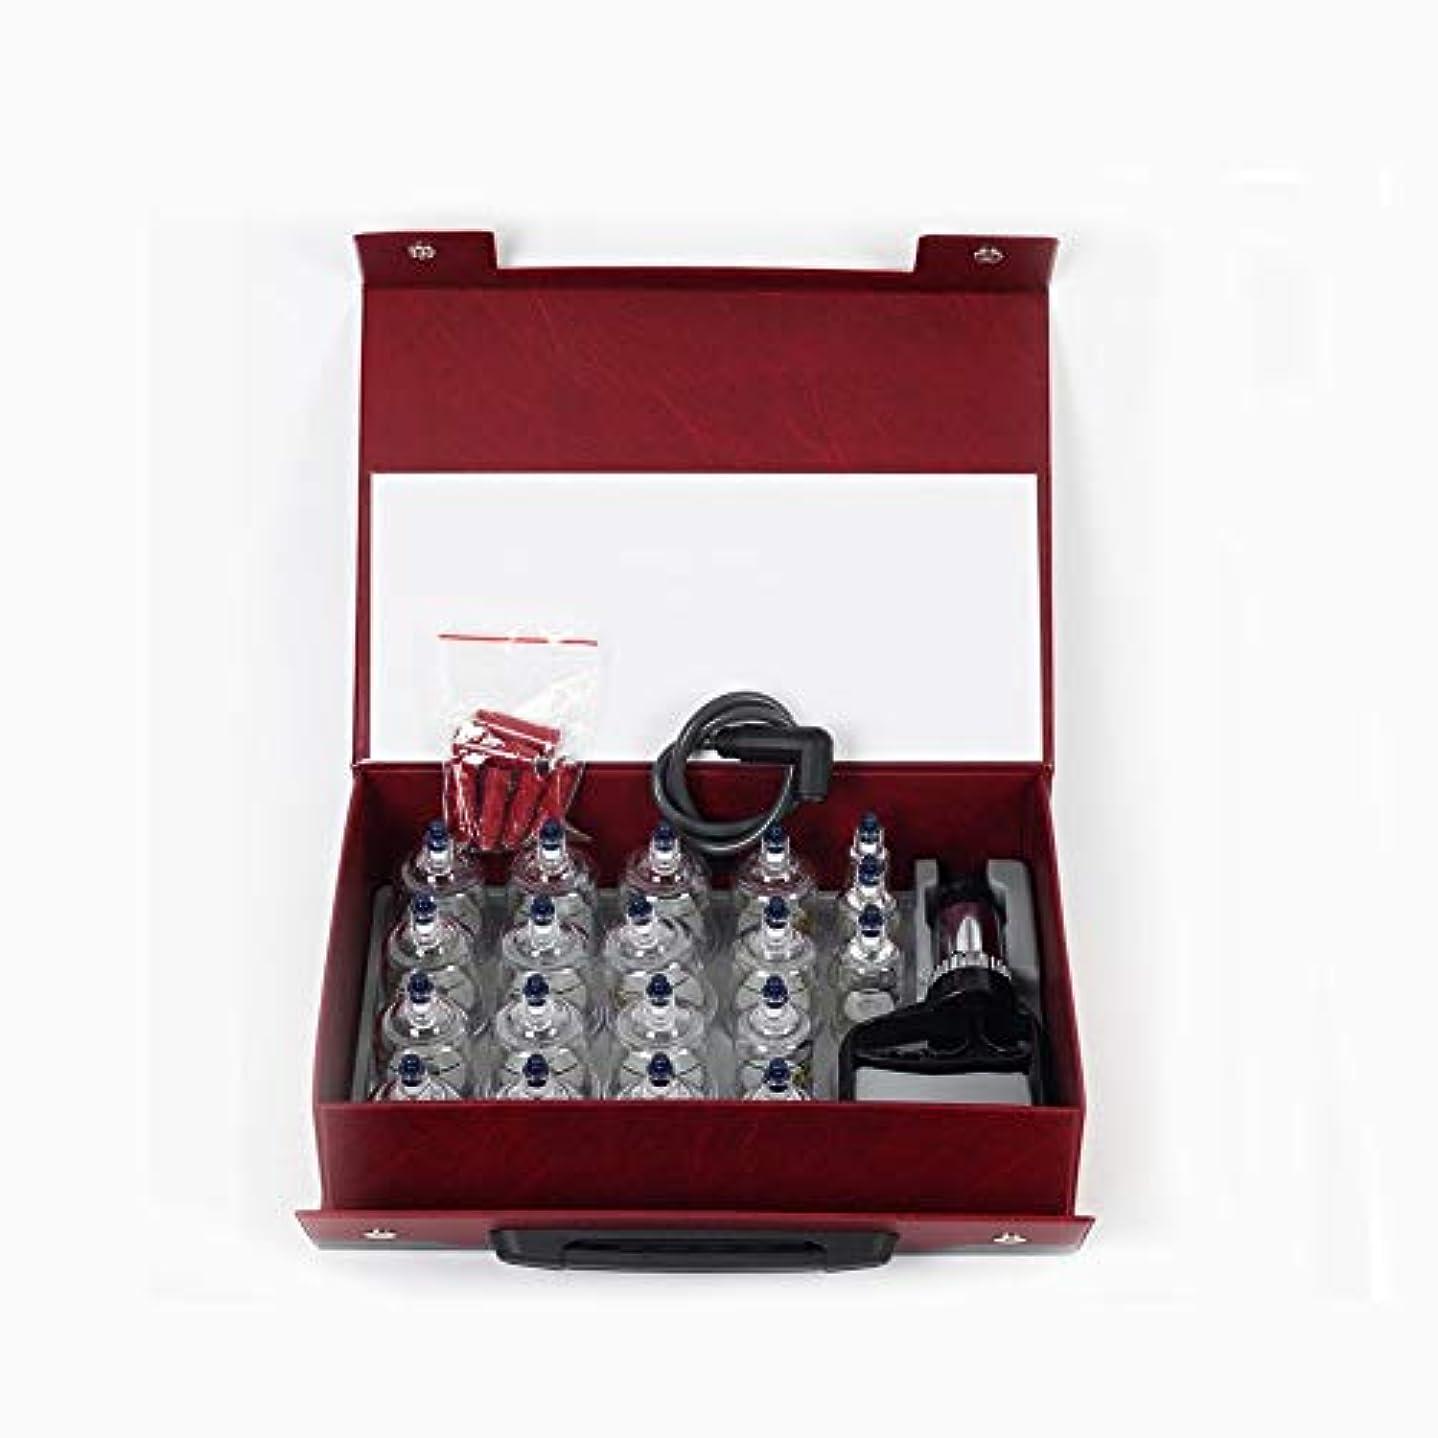 過度にキリマンジャロリテラシーカッピング セップレミアム品質のカッピングセットセラピーマッサージセット血液循環筋肉および関節痛セルライト用のシリコン真空吸引カッピングカップ(クリア、19)